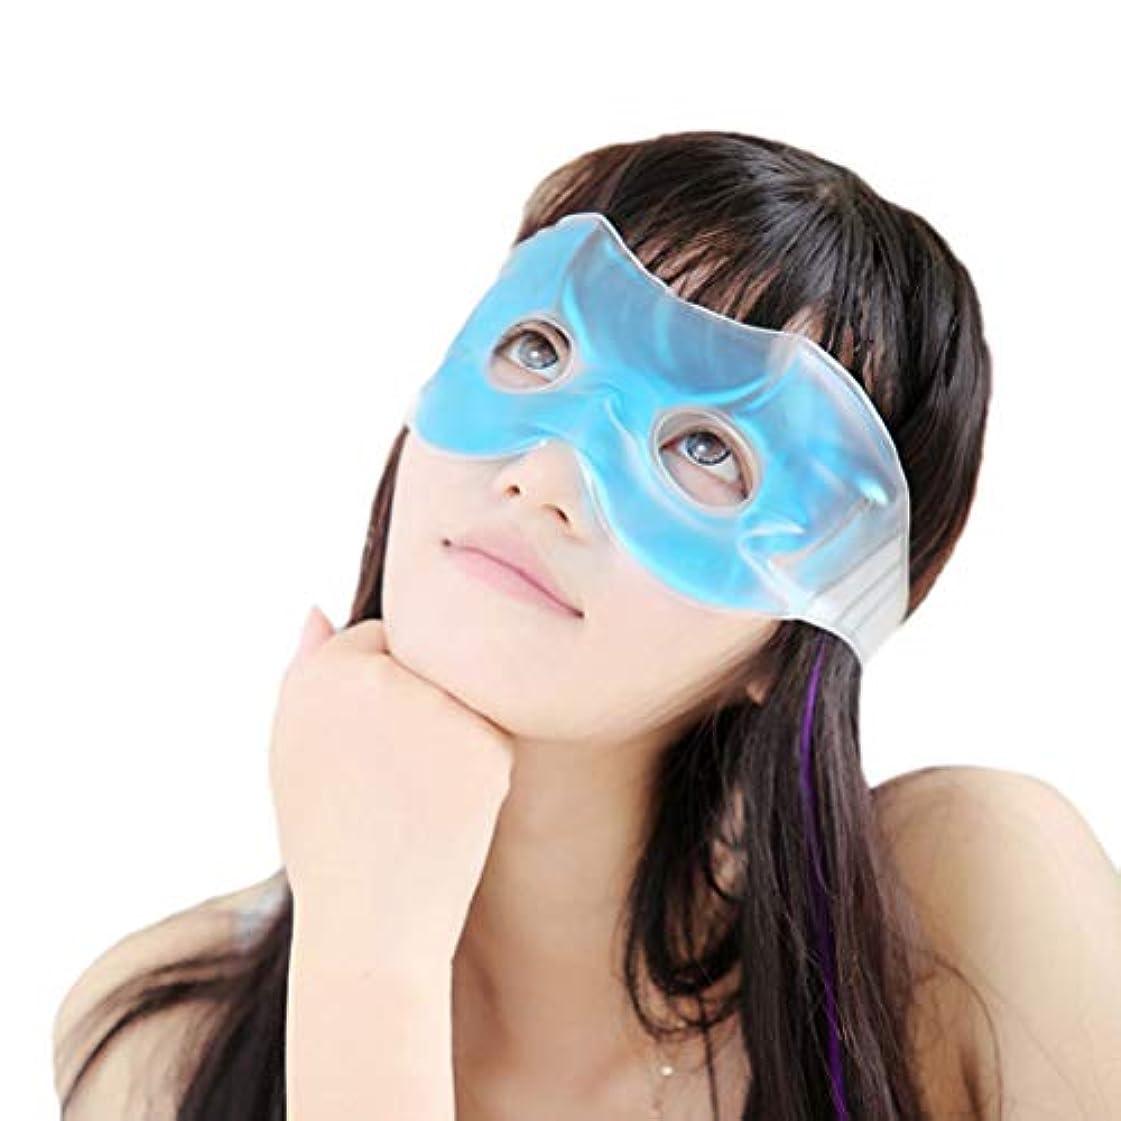 バイソン家庭教師着陸Heallilyアイスアイマスク睡眠アイスパッチ冷却リラックスブラインド快適なパッチ用アイパフネスダークサークル